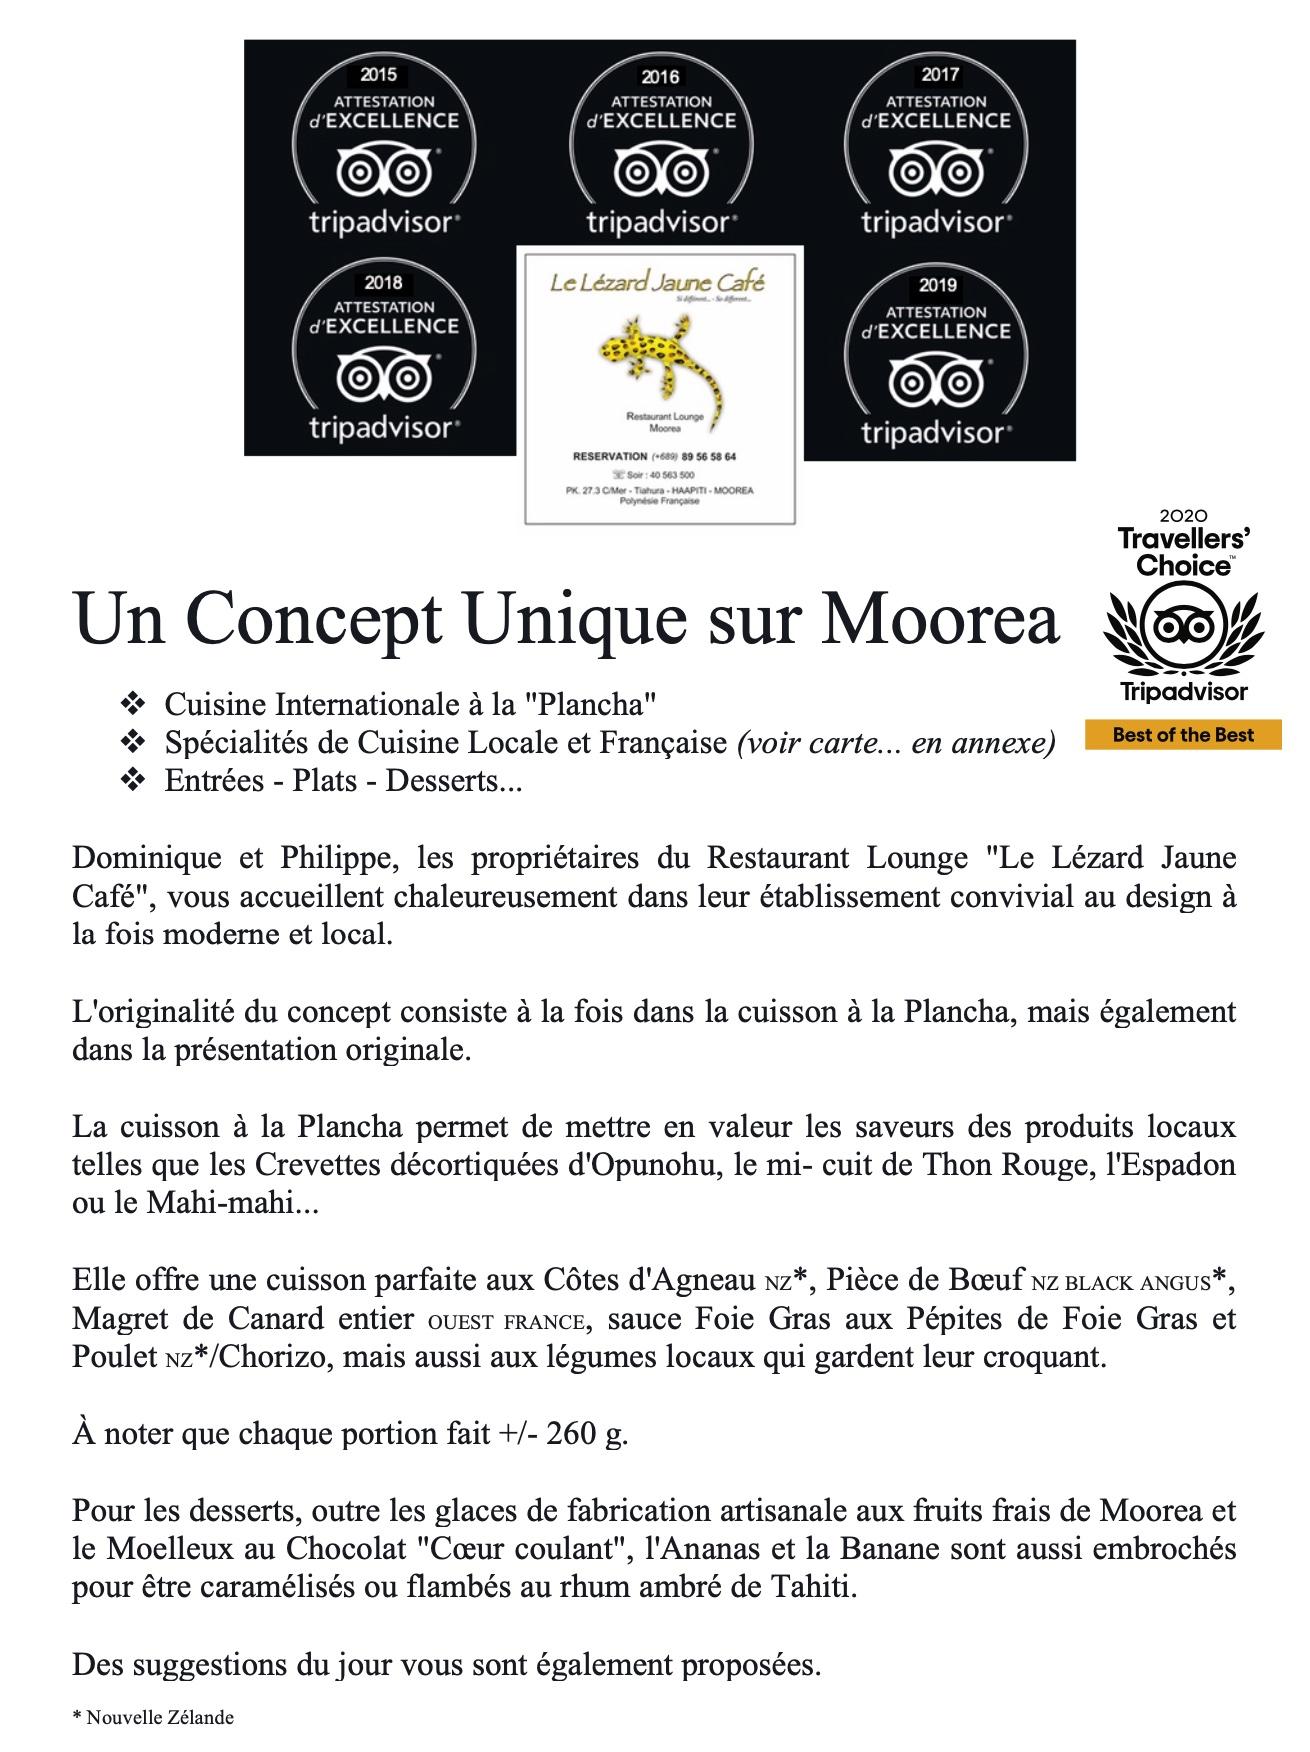 https://tahititourisme.it/wp-content/uploads/2017/08/1ère-de-page-FACEBOOK-2020.jpg